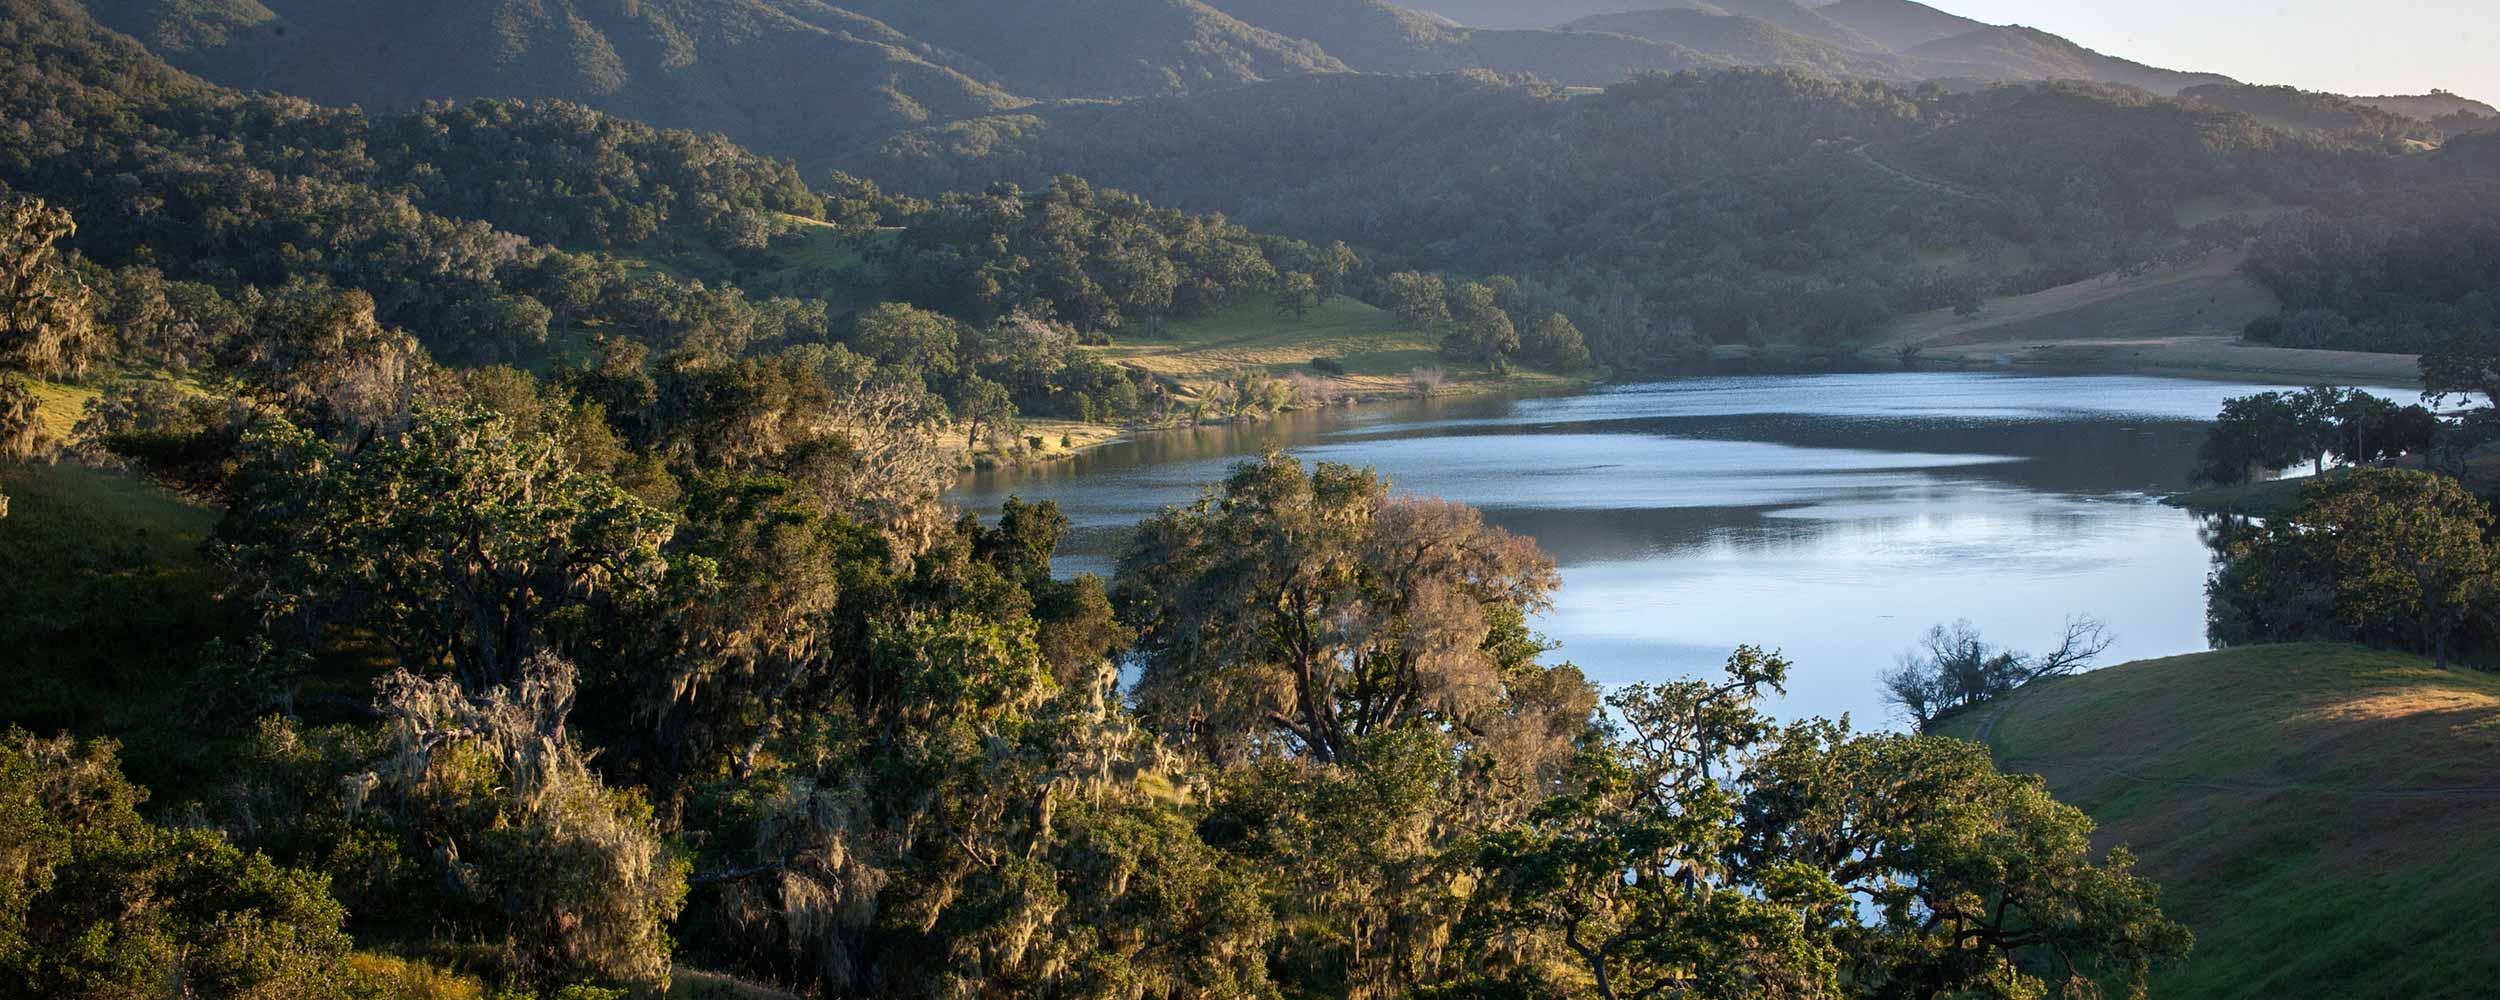 View of Alisal Lake - Alisal Resort in Solvang California